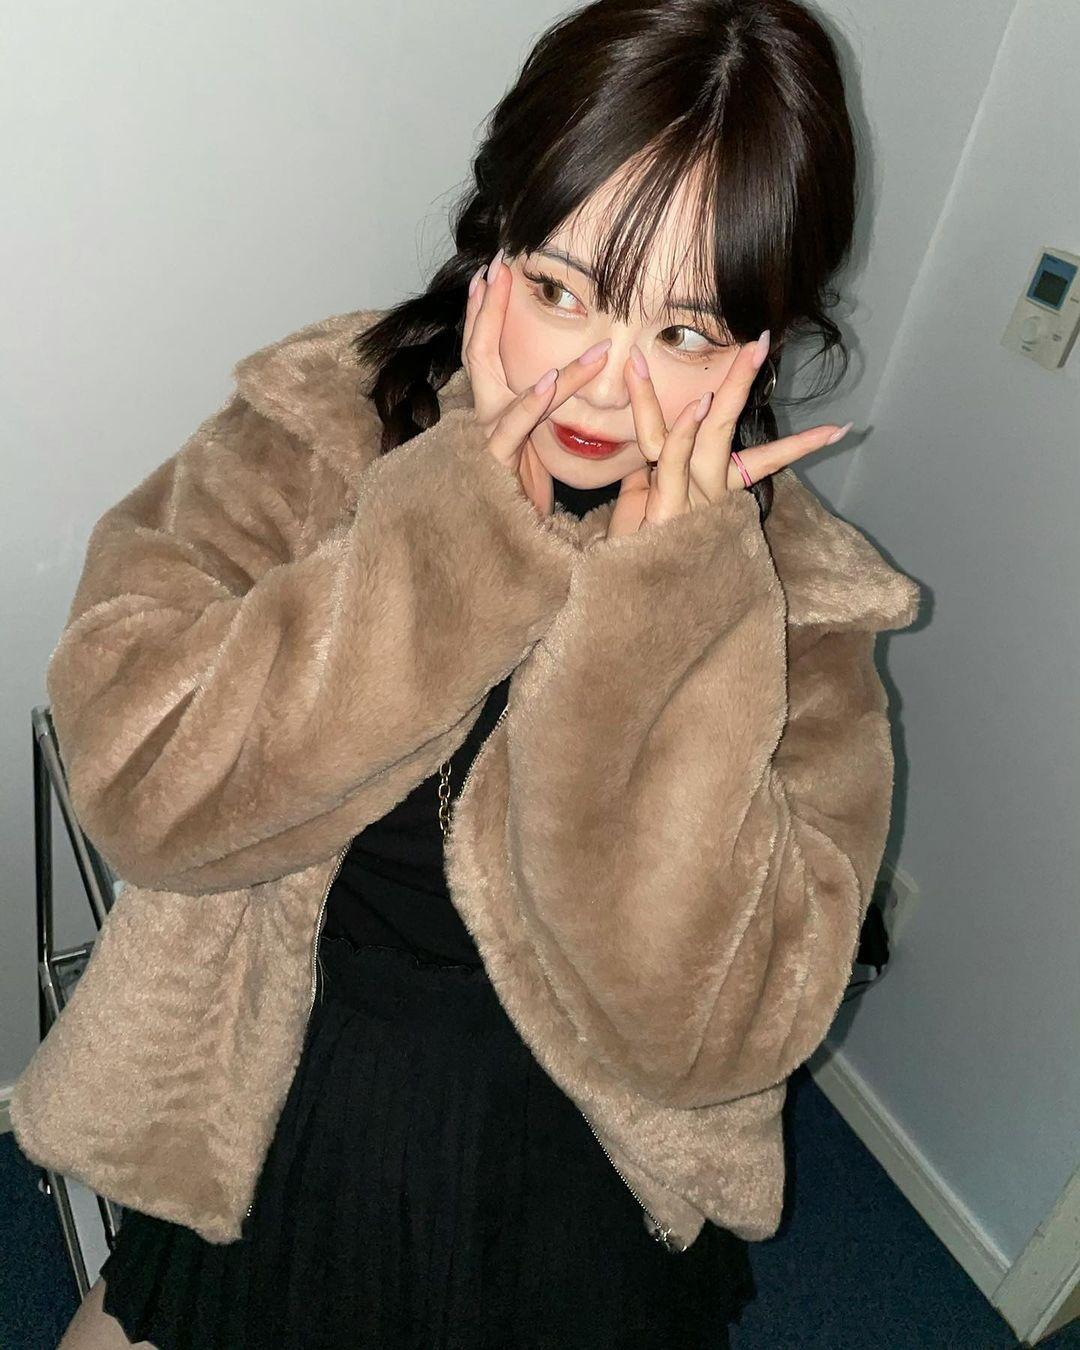 南韩萝莉妈妈홍영기甜美外型让网友吃惊 妹子图 热图3